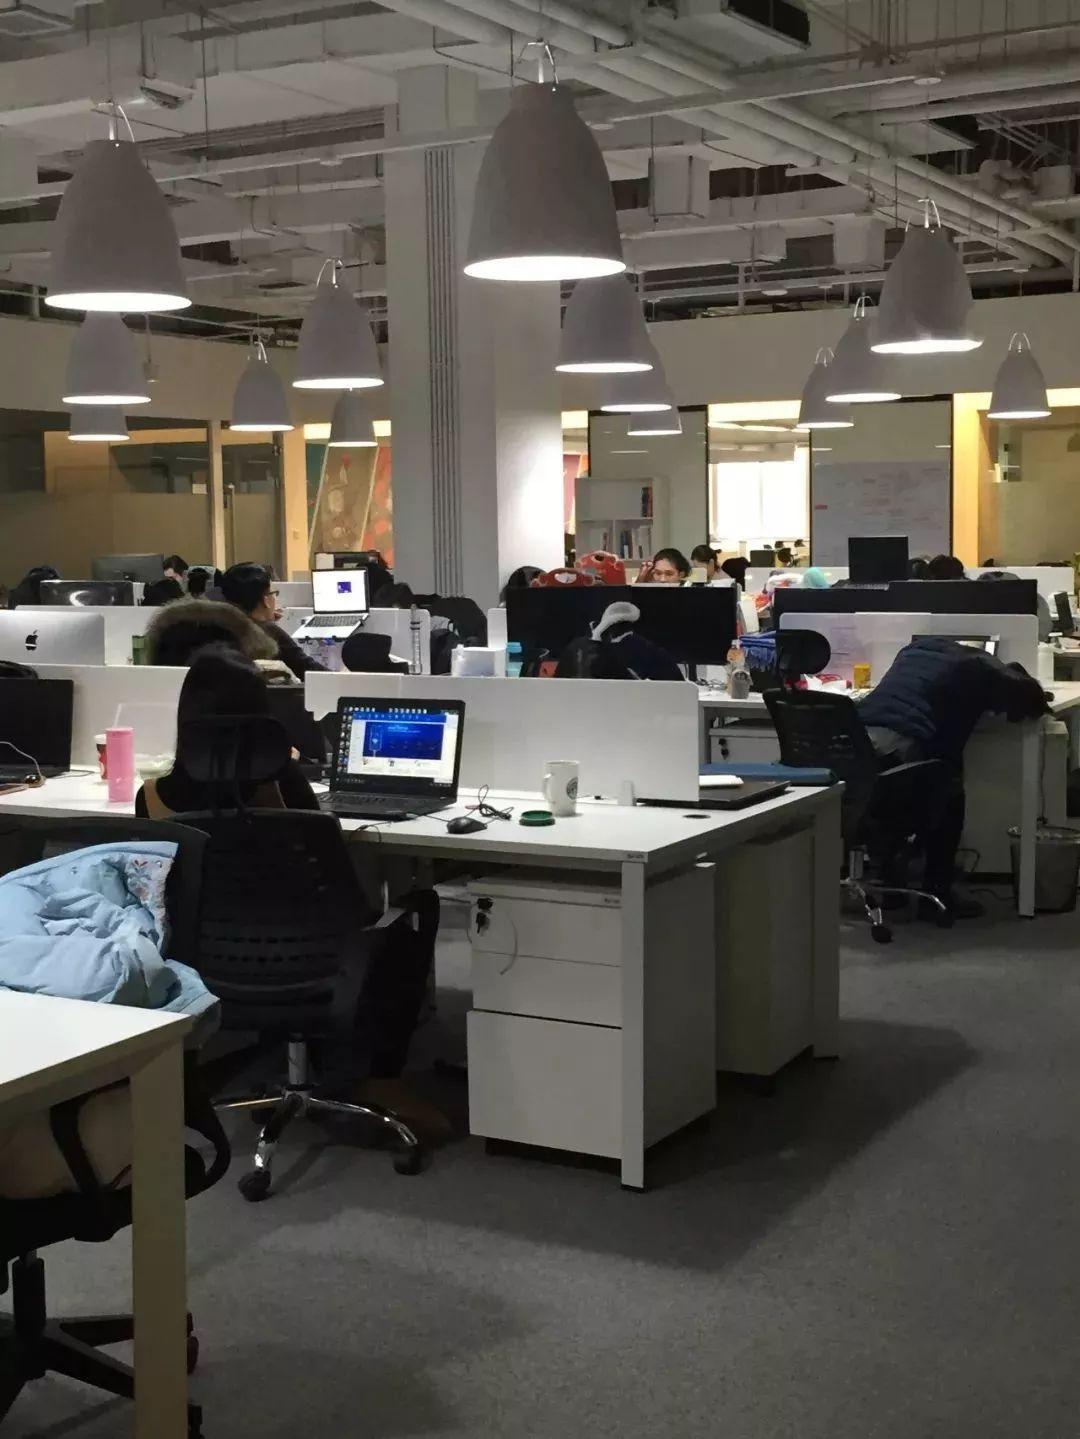 深度共享办公空间现状:大品牌亏本争市场小空间无奈退场还有年前